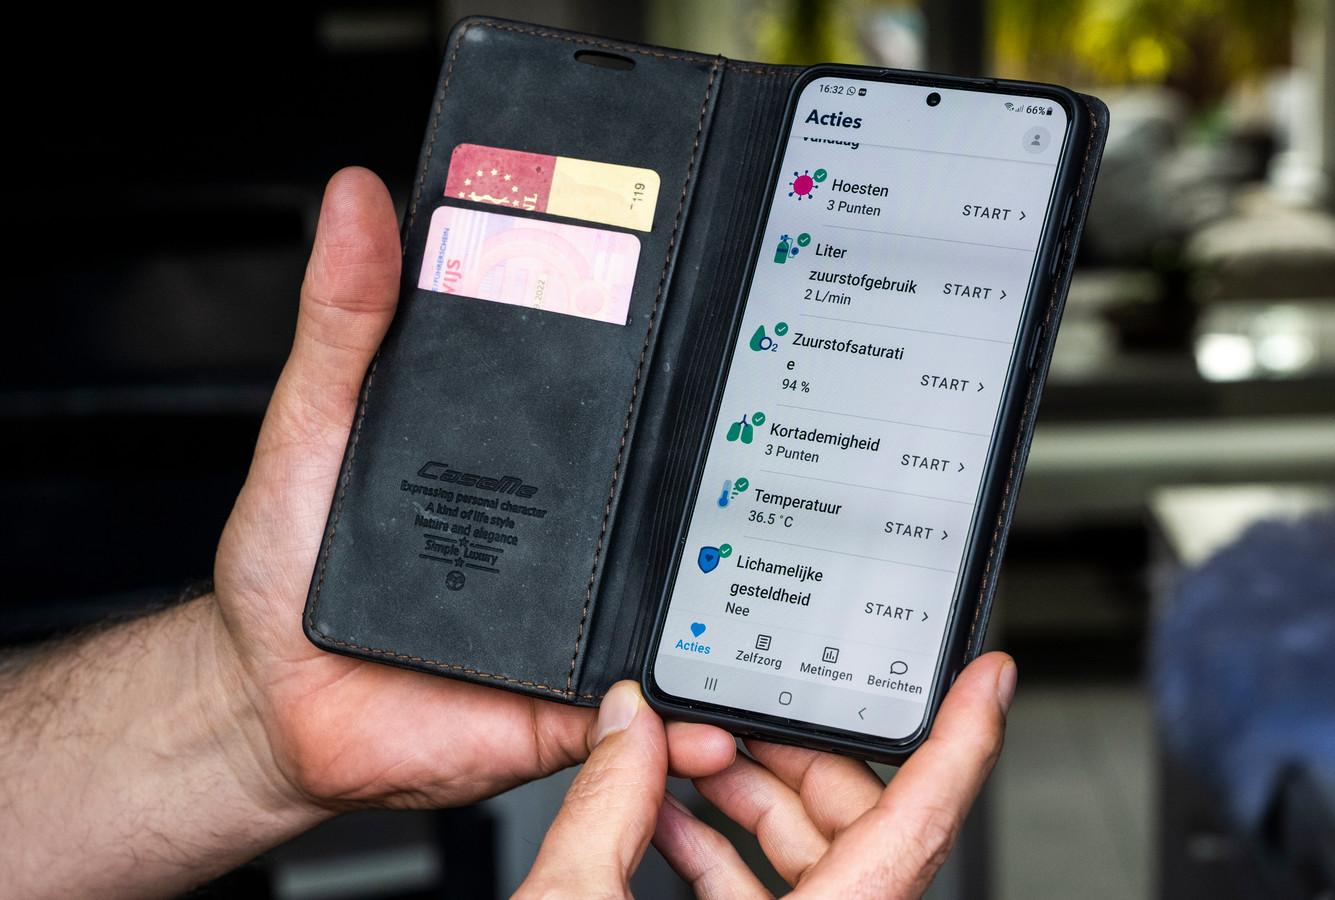 De app is makkelijk in te vullen, zeker voor jongere patiënten.